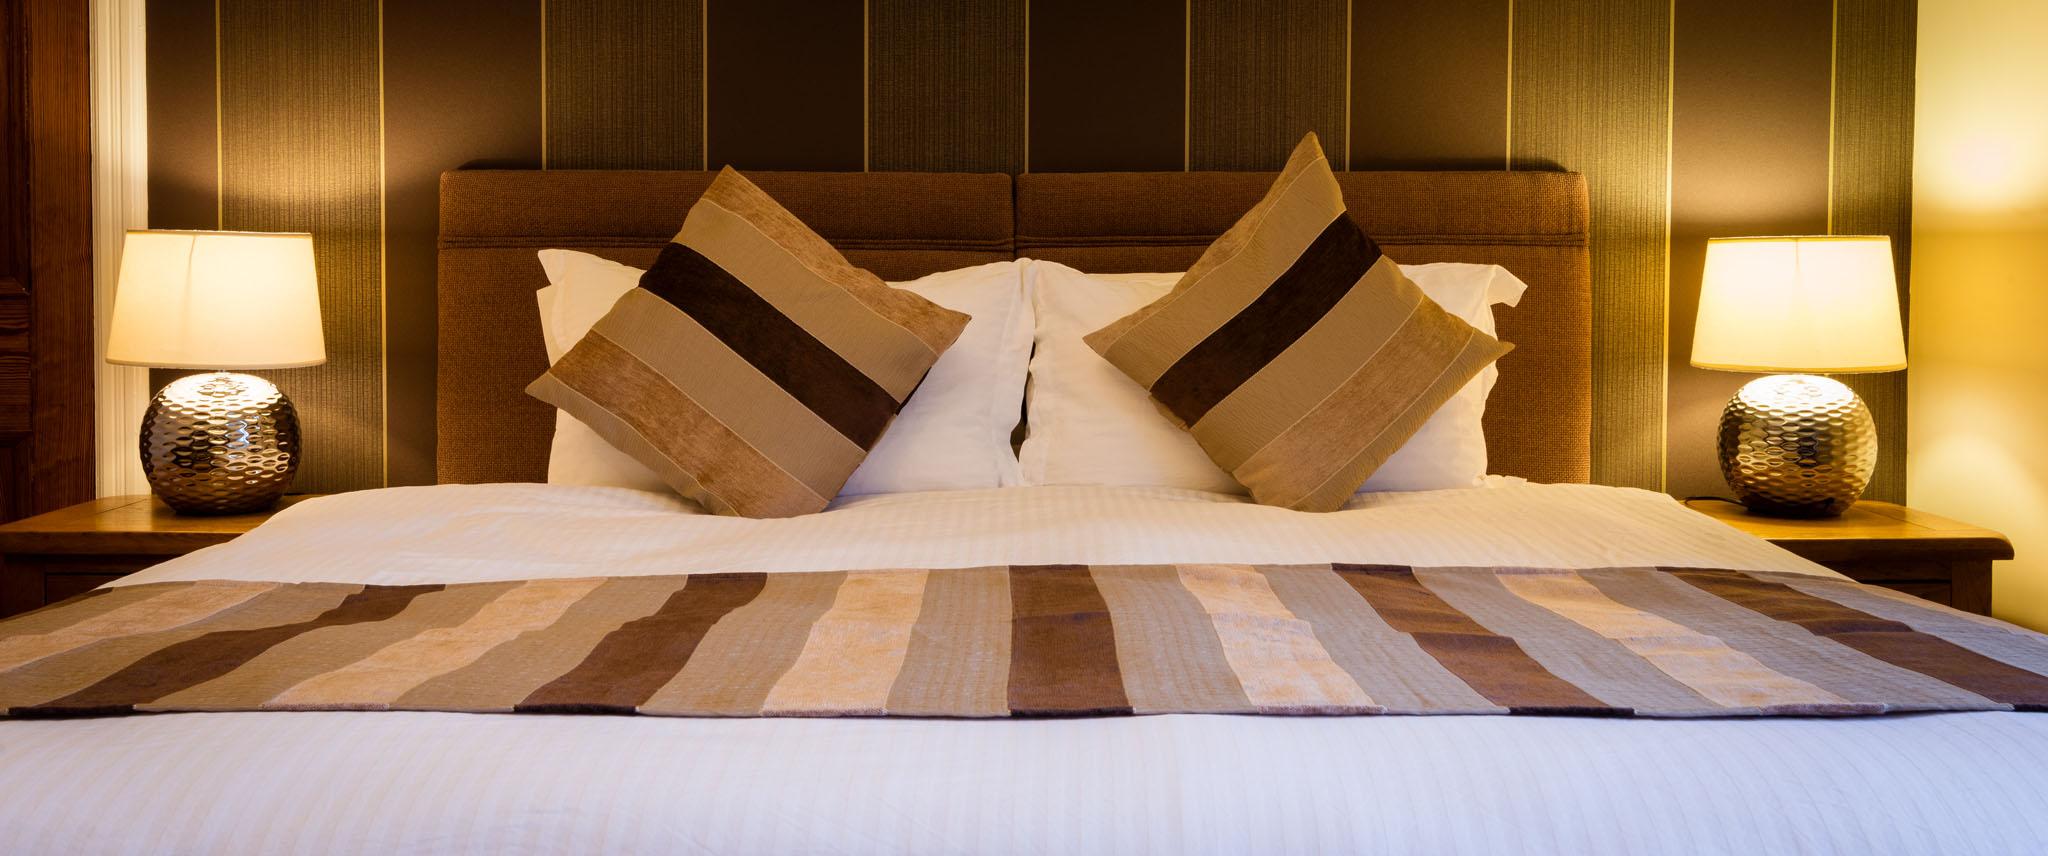 Apt 2 bedroom.jpg